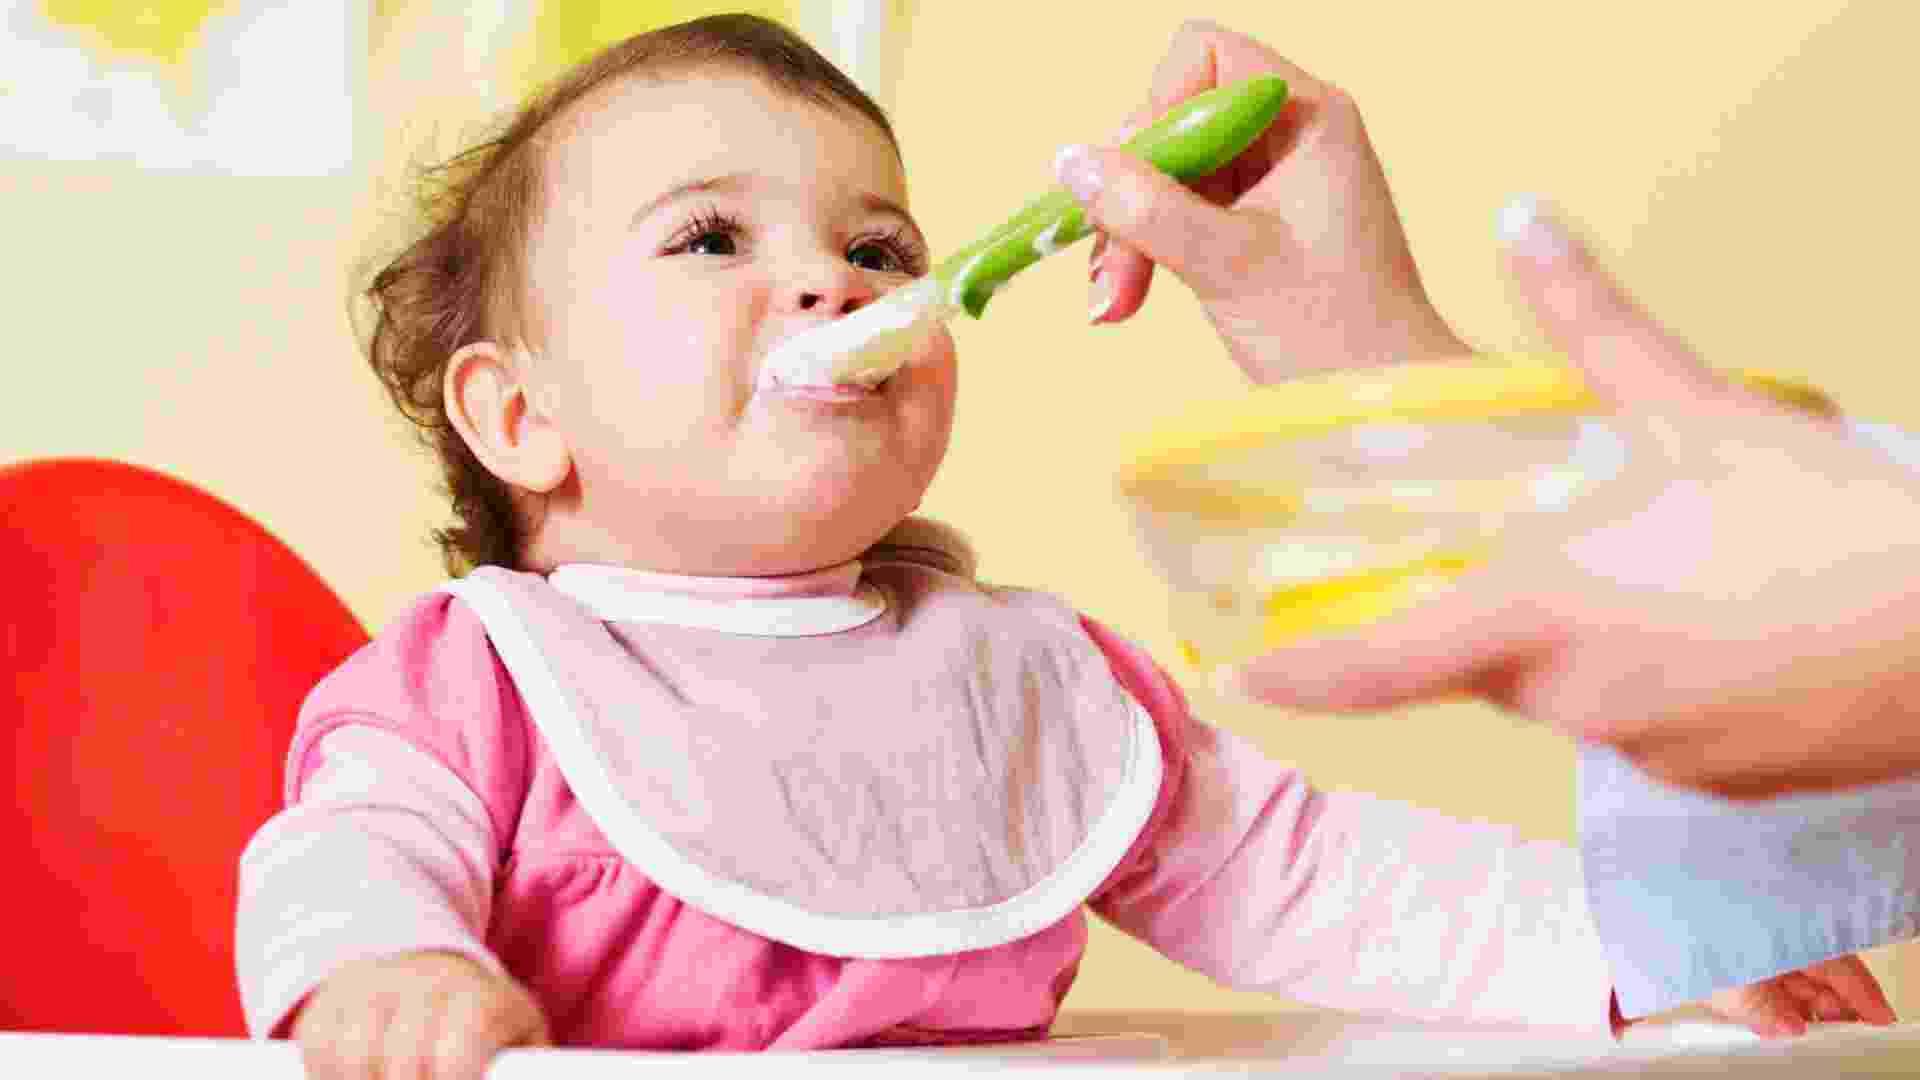 bebê comendo papinha - Thikstock